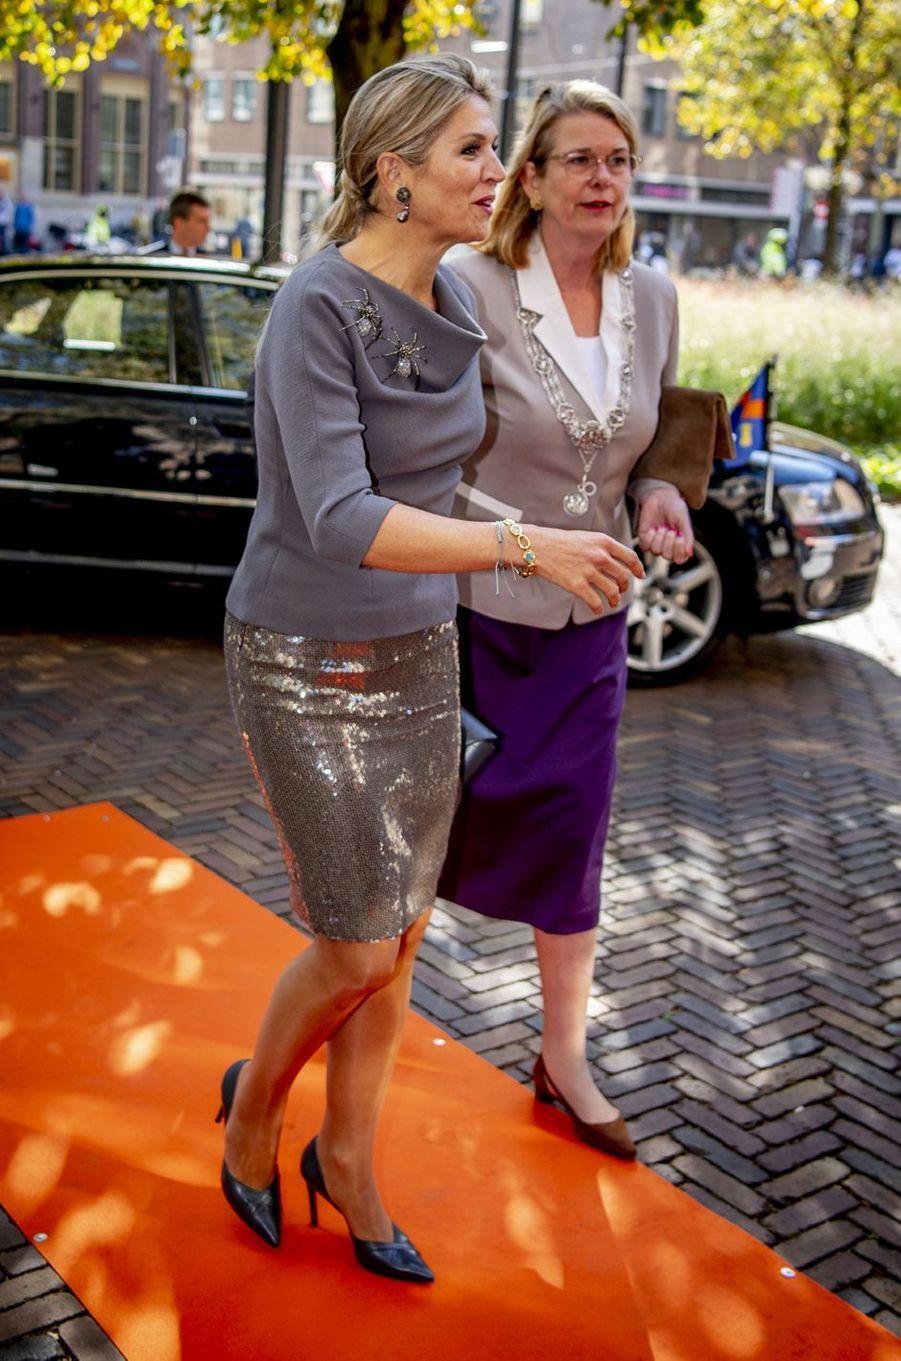 La reine Maxima des Pays-Bas dans une jupe scintillante Natan à La Haye, le 9 octobre 2018